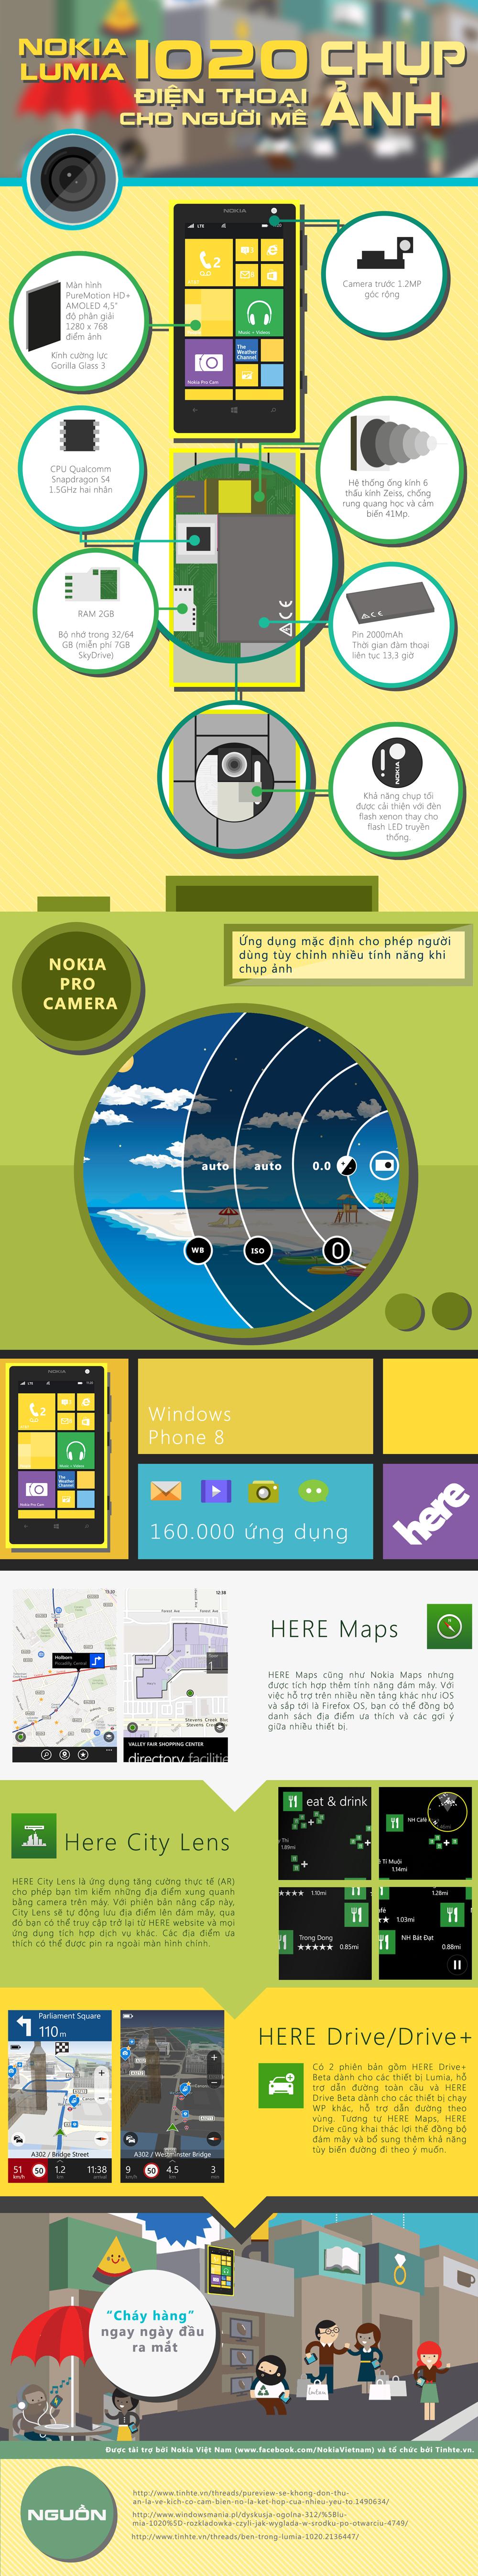 new_lumia1020.